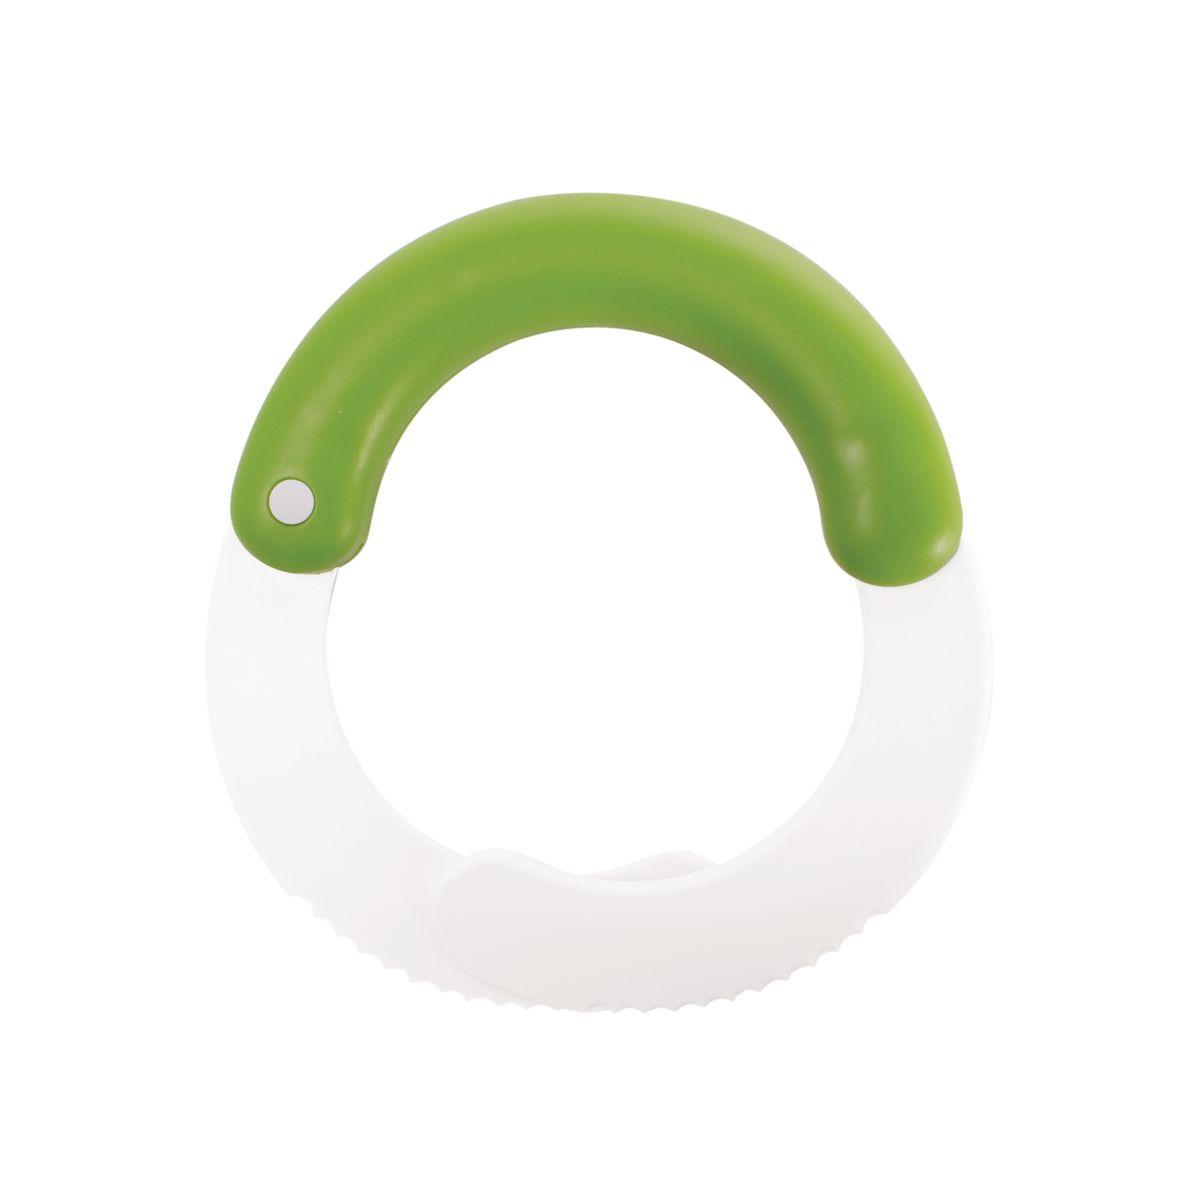 Измельчитель для листьев Chefn104-259-120Измельчитель для листьев Chefn позволит легко и просто подготовить салат для любого блюда. Этим устройством удобно пользоваться на разделочной доске или прямо в миске. Резиновая ручка обеспечивает надежный захват, а зазубренные лезвия быстро режут листья салата, оставляя их свежими и предотвращая увядание. Продукция торговой марки Chefn призвана облегчить и упростить работу на кухне. Можно мыть в посудомоечной машине.